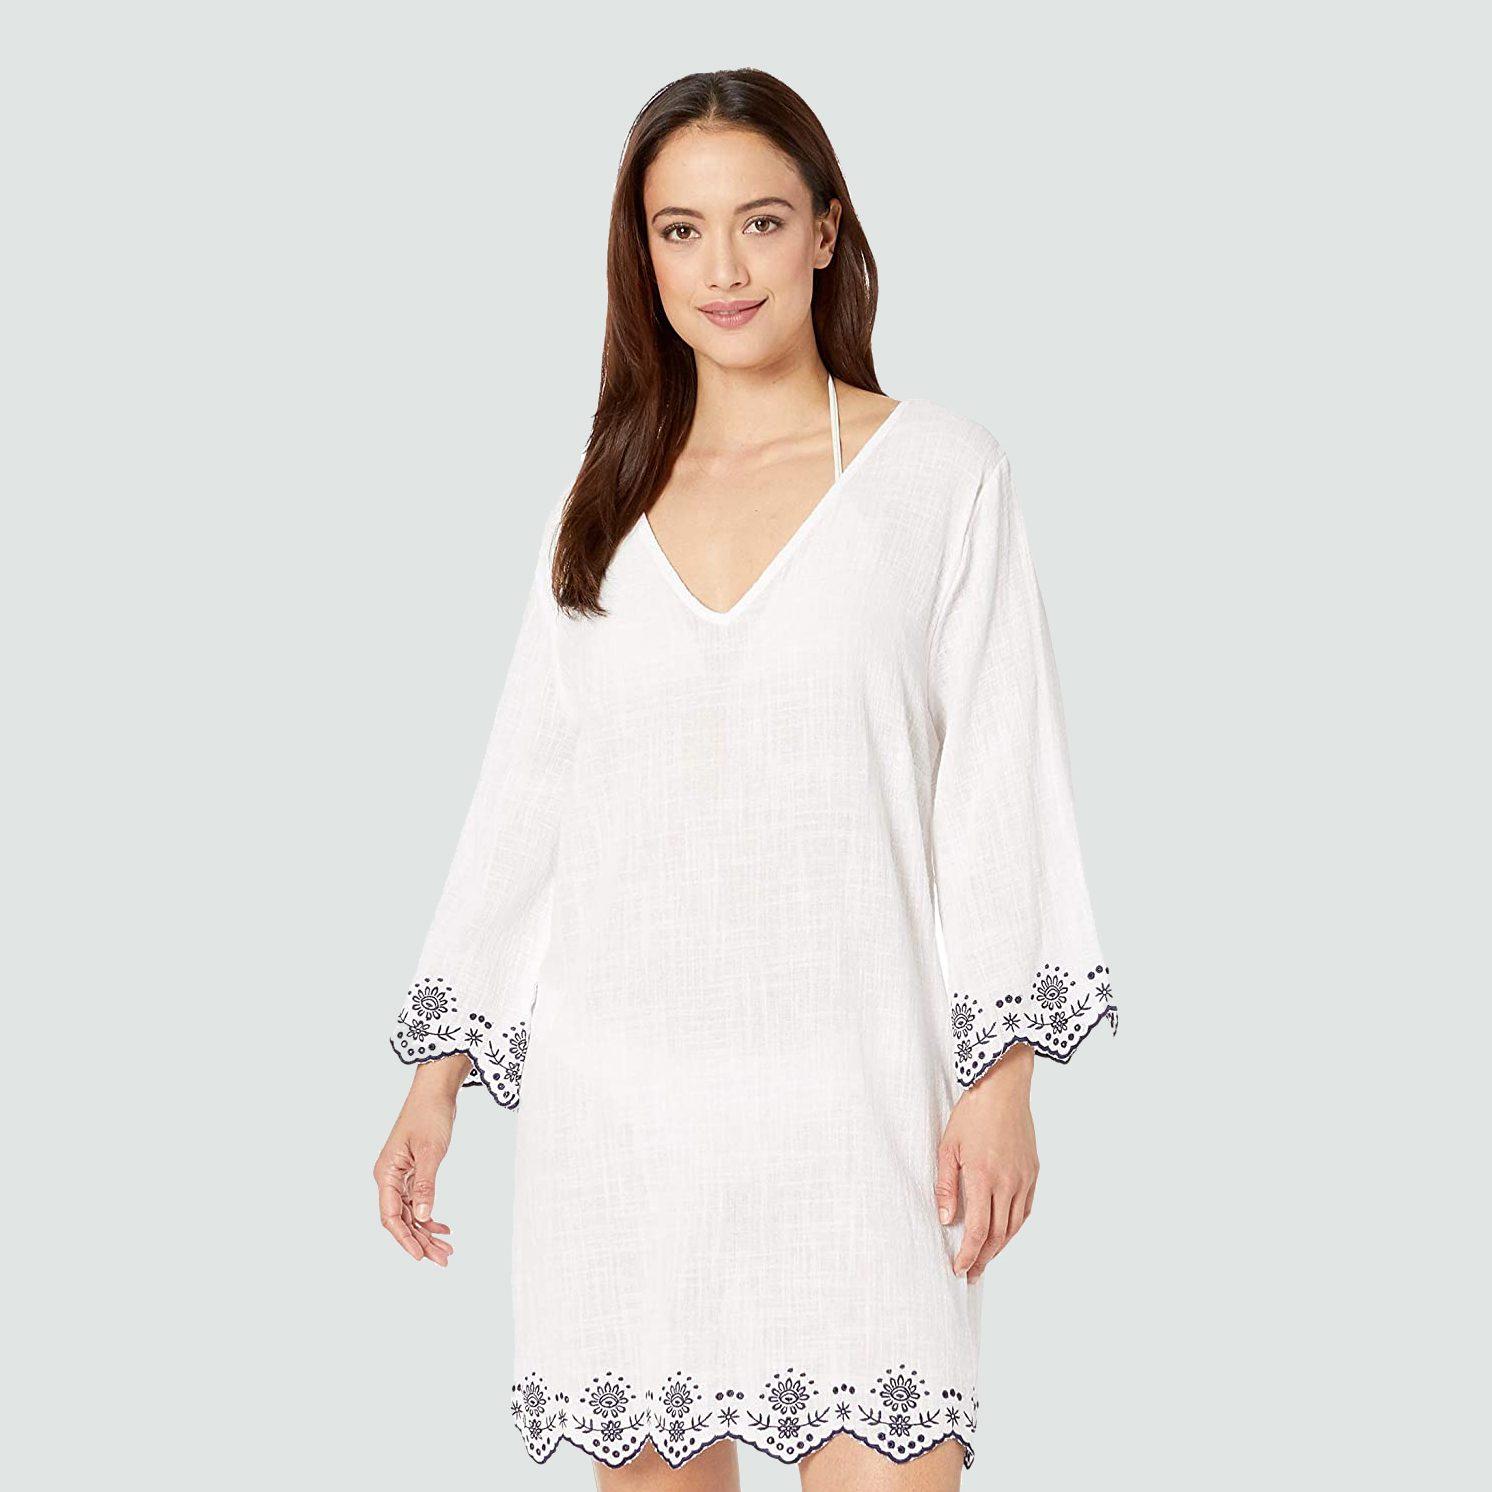 zappos dress